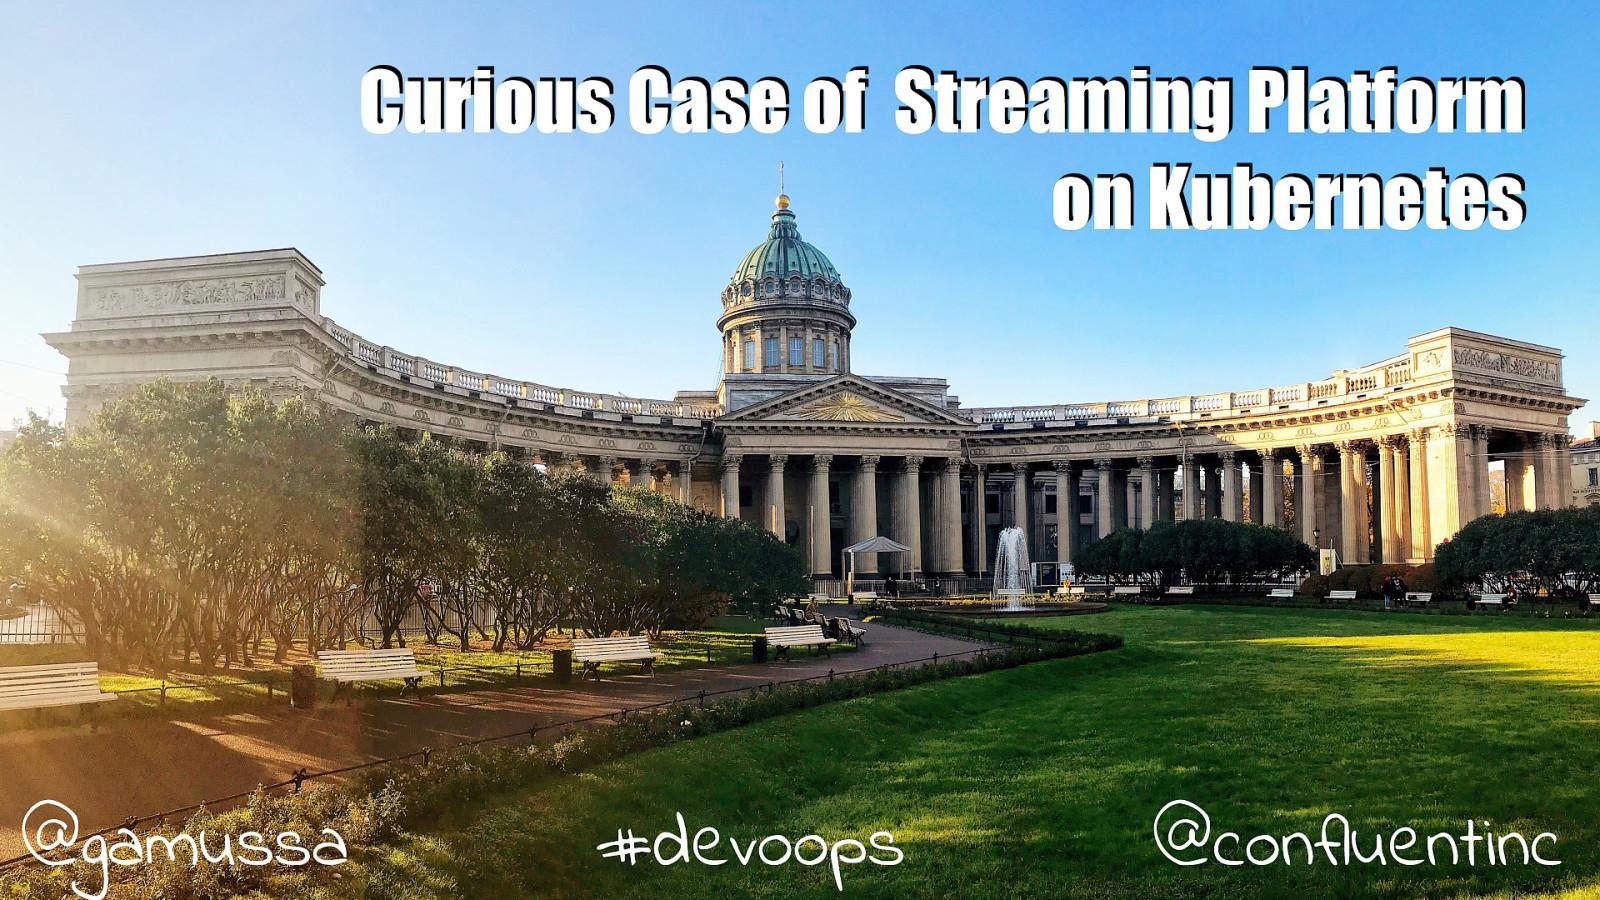 Kafka на Kubernetes: загадочная история создания облачной платформы поточной обработки данных